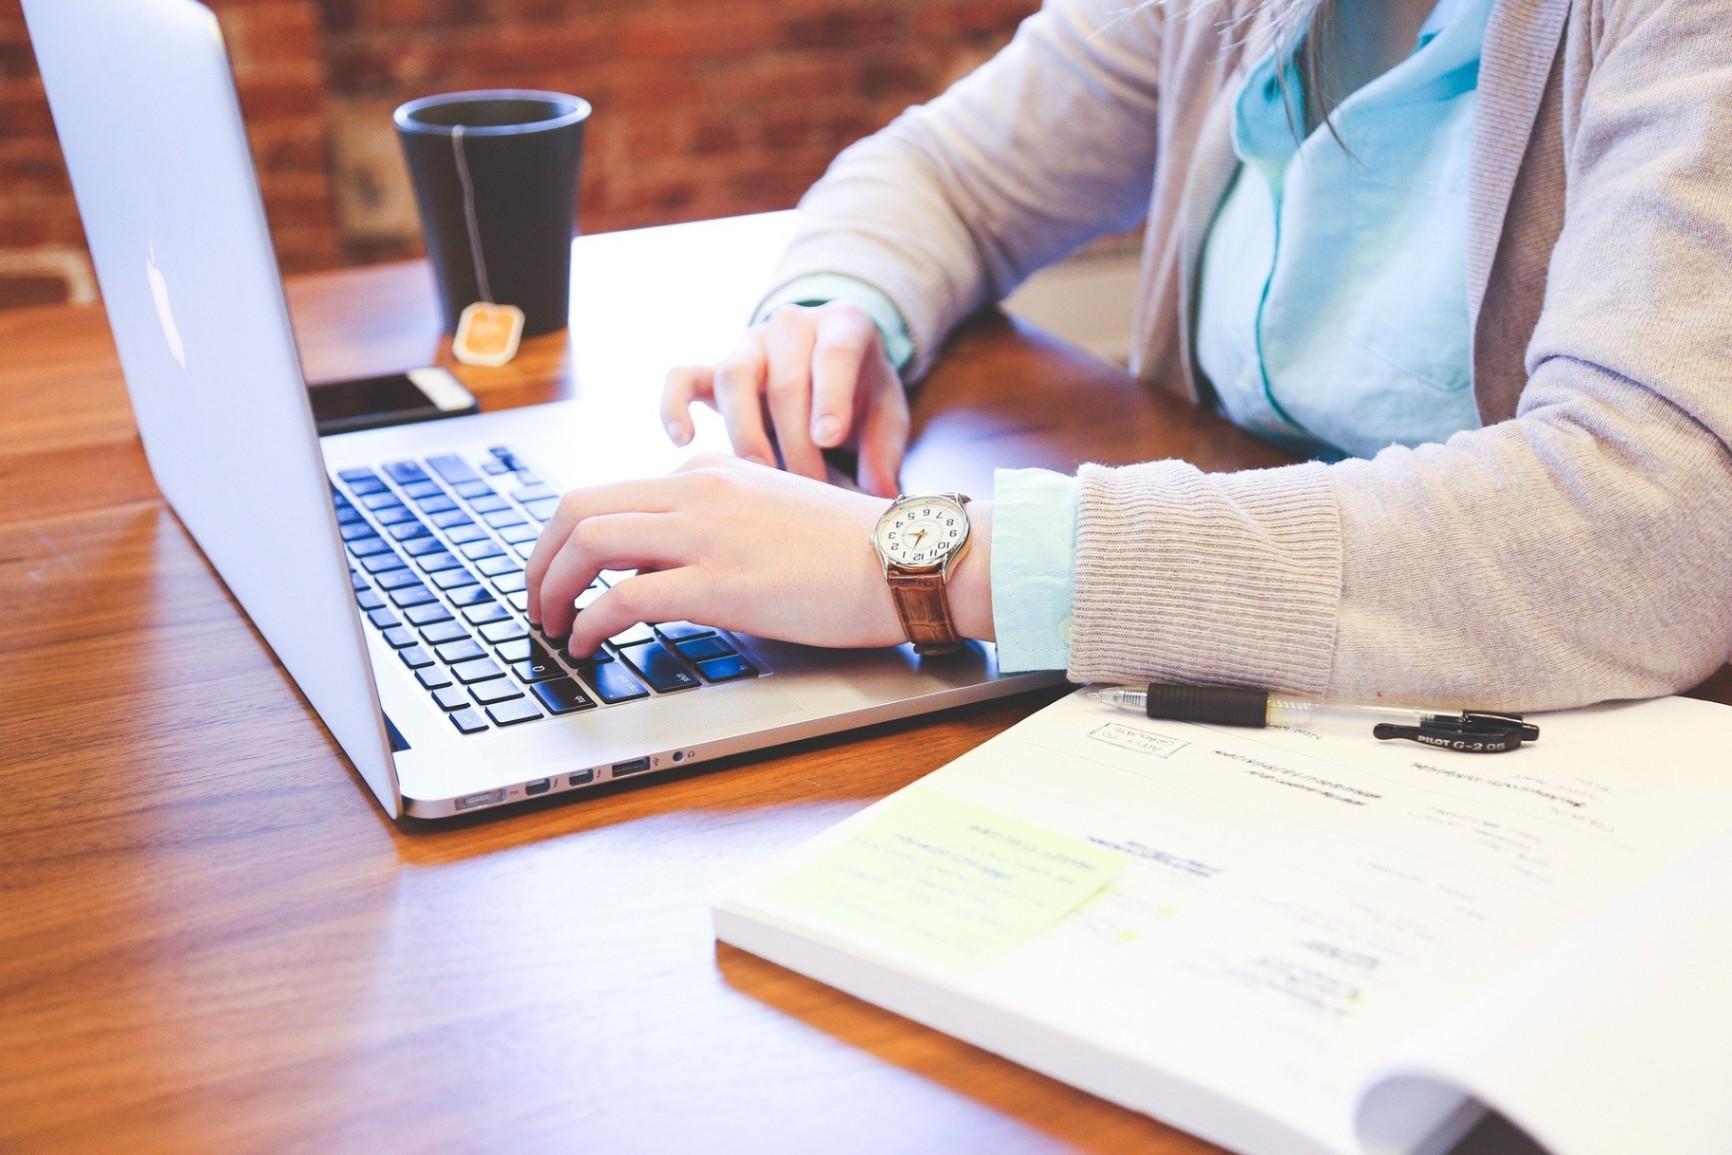 Apprenez Comment Financer un Projet Personnel avec la Banque Populaire